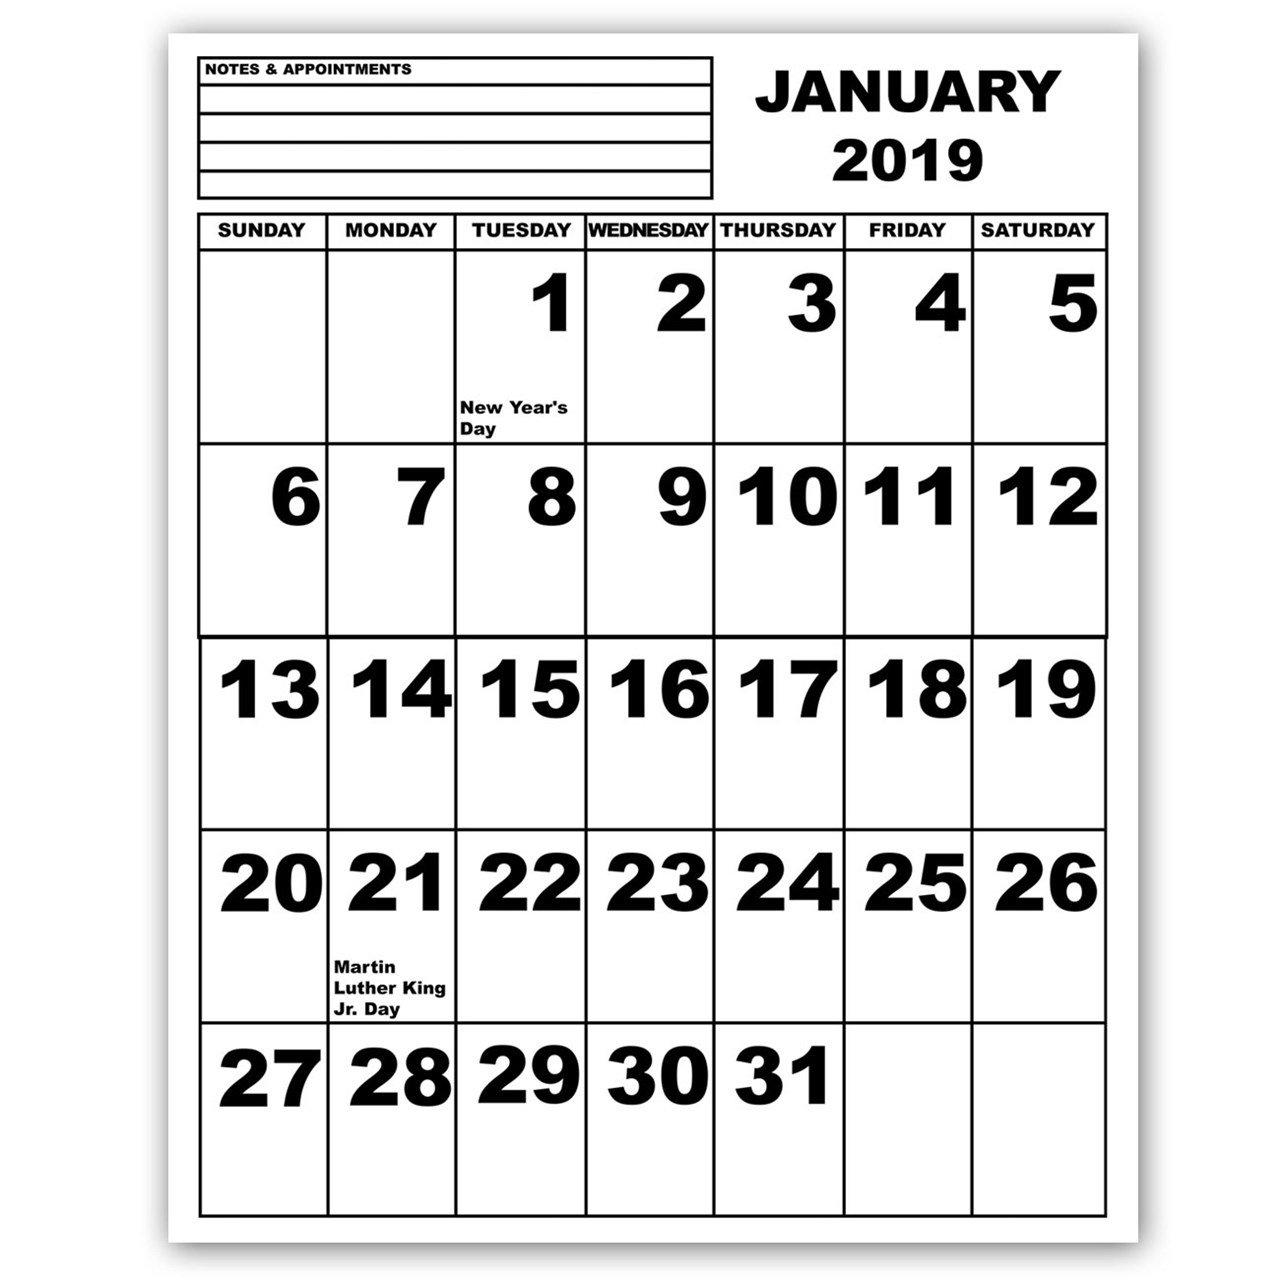 Maxiaids | Jumbo Print Calendar - 2019 Calendar 2019 Large Print